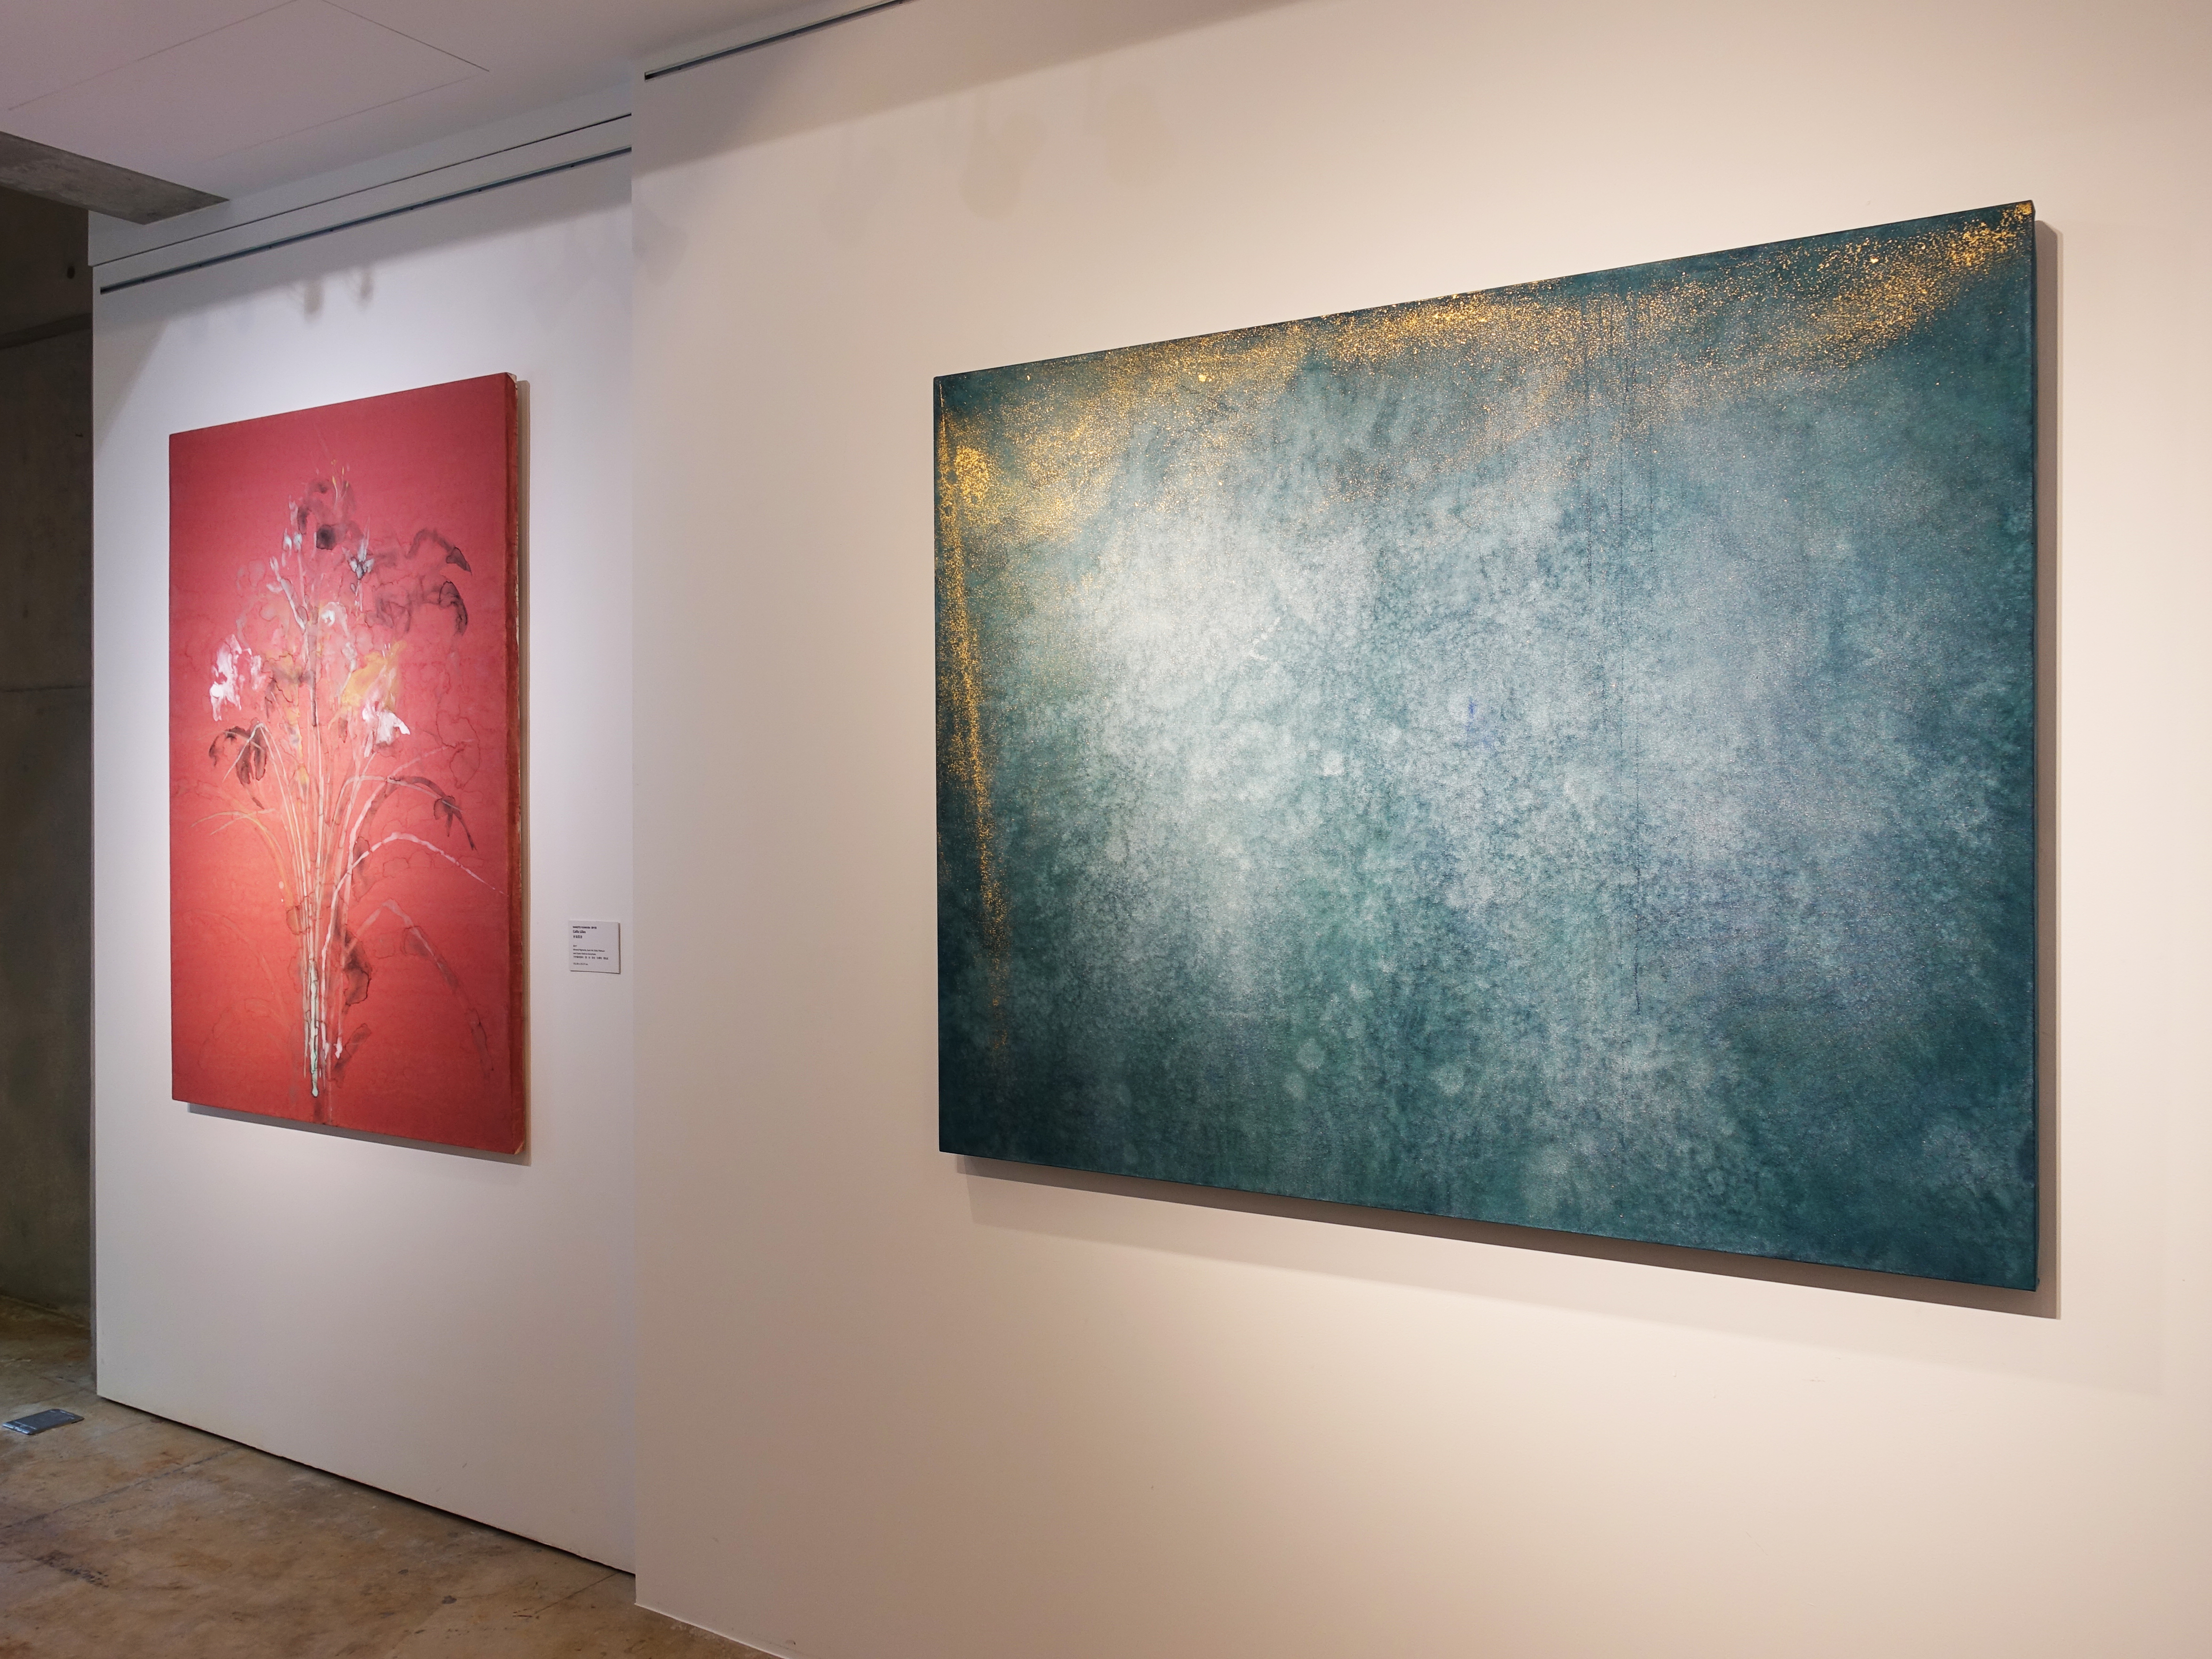 正藝美學展出日本藝術家藤村真新作精選展。